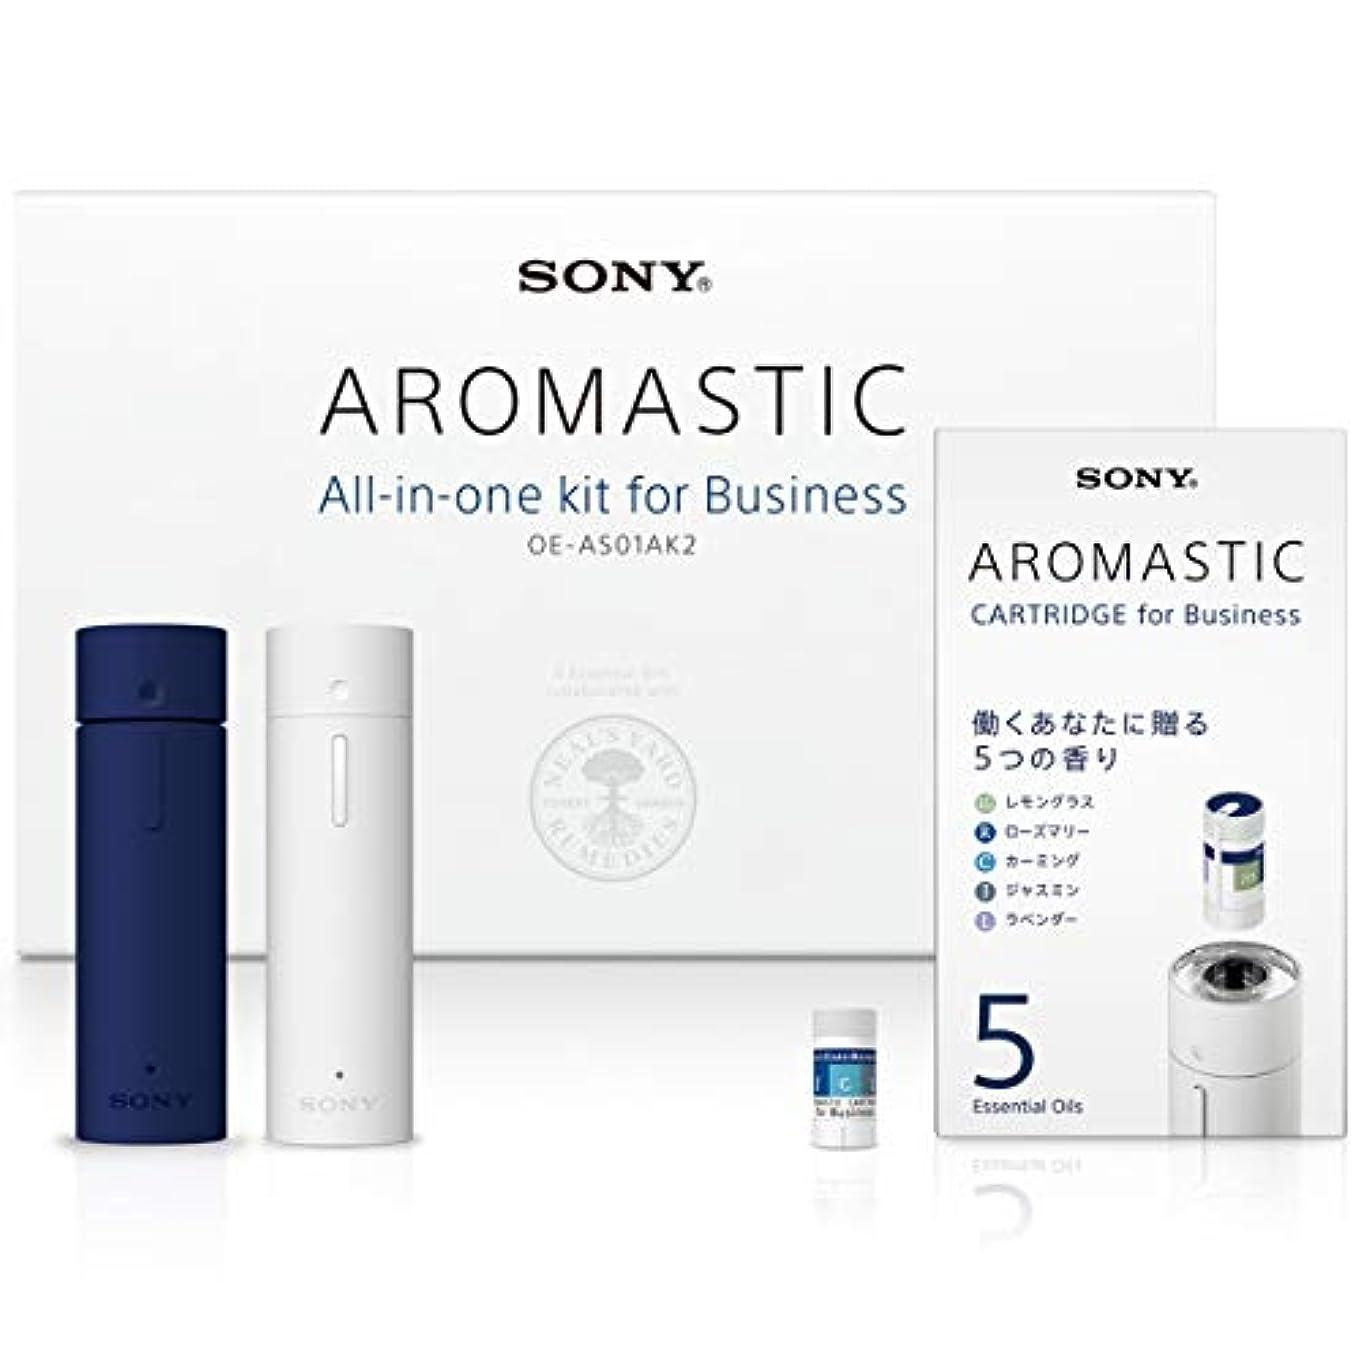 緩やかな貯水池出席するAROMASTIC All-in-one kit for Business (オールインワンキット for Business) OE-AS01AK2